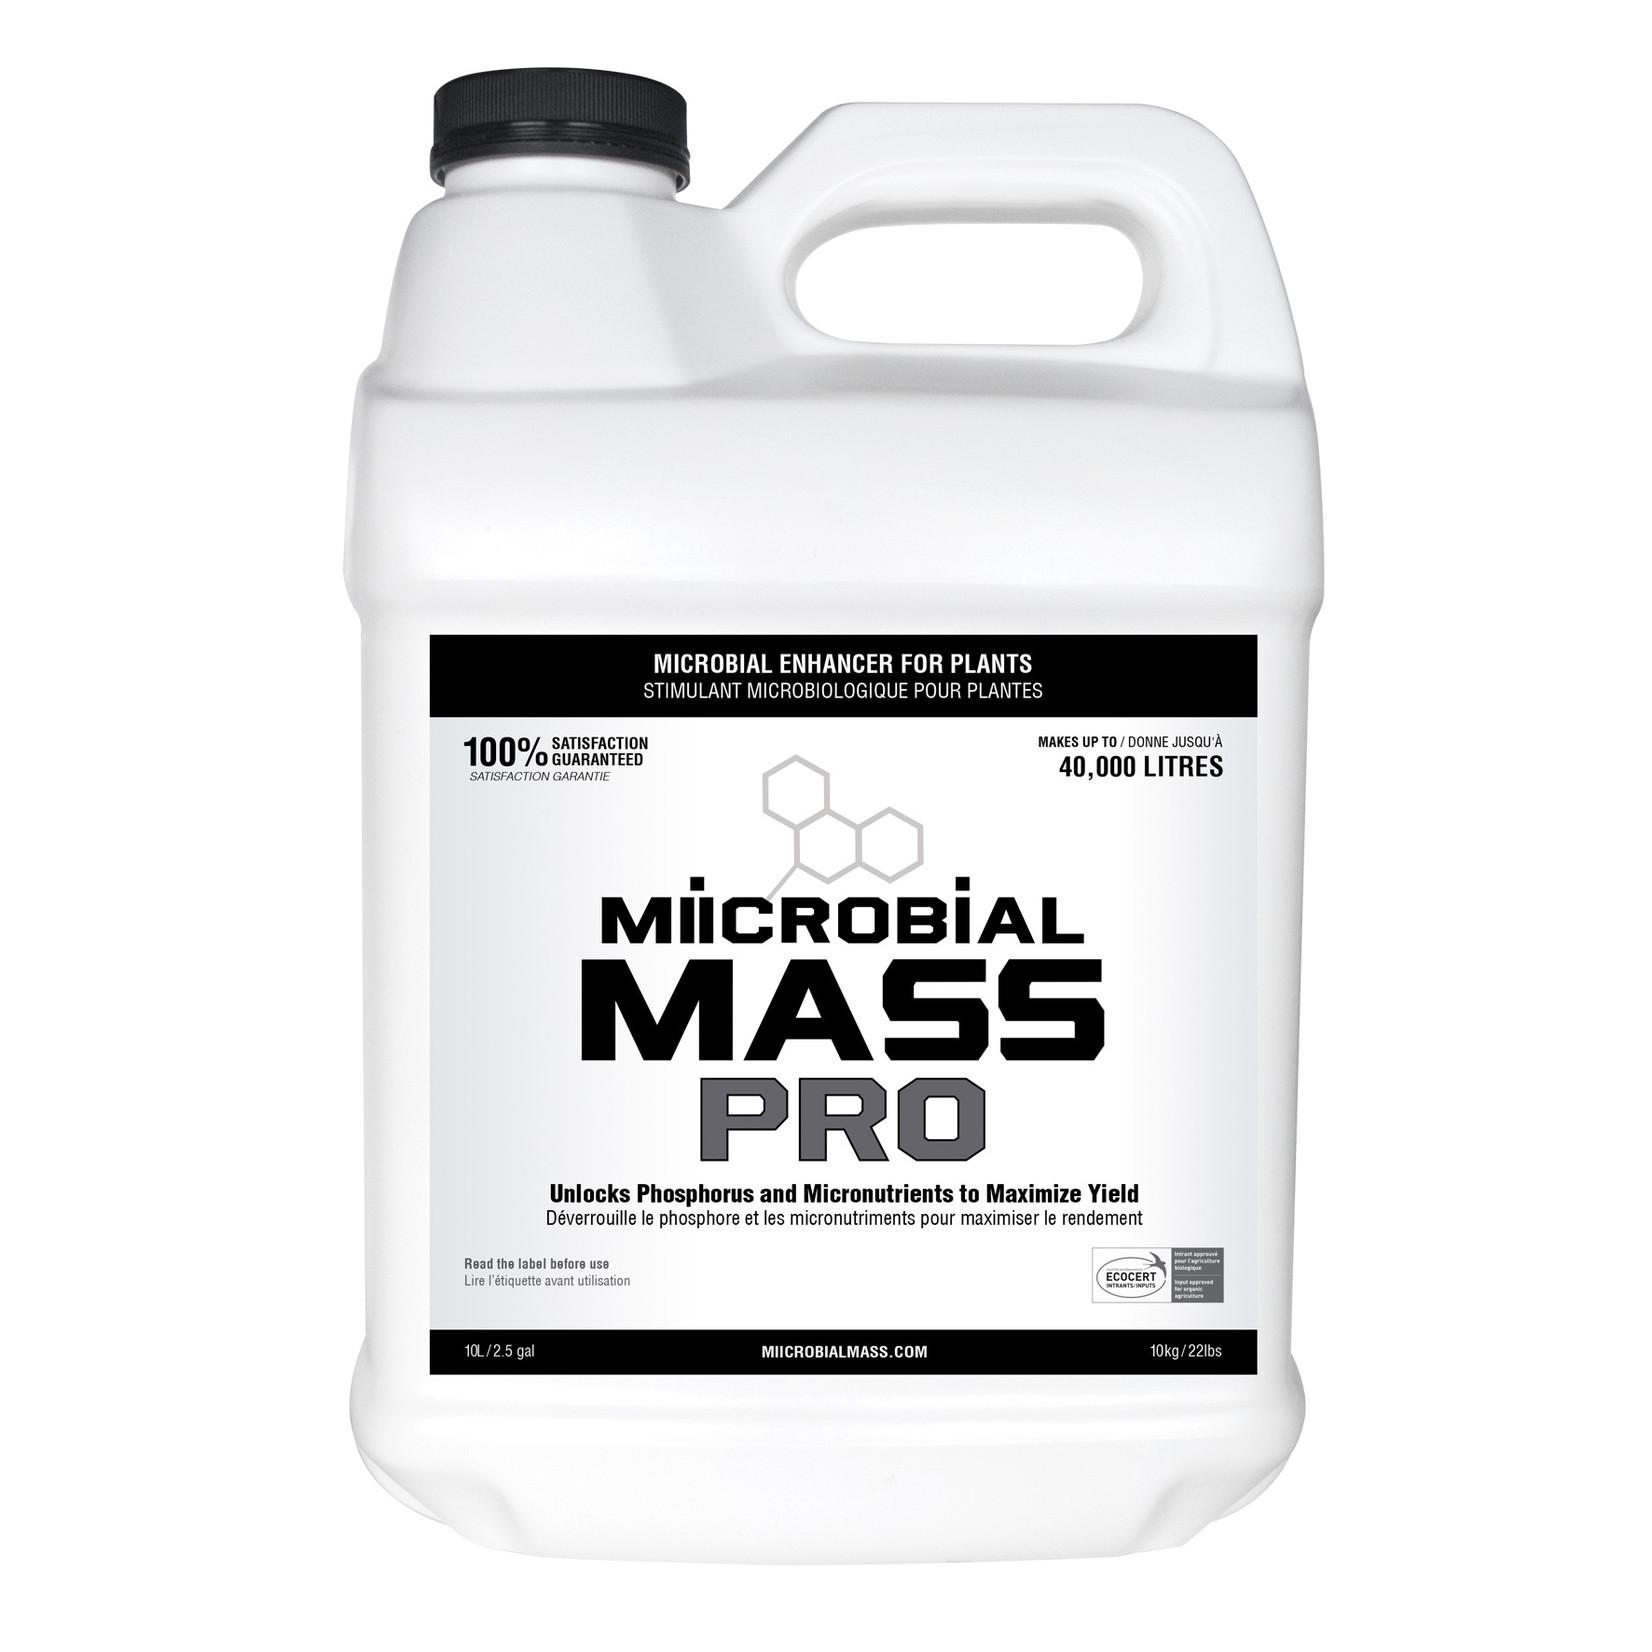 MIICROBIAL MASS PRO 10L / 2.5 GAL